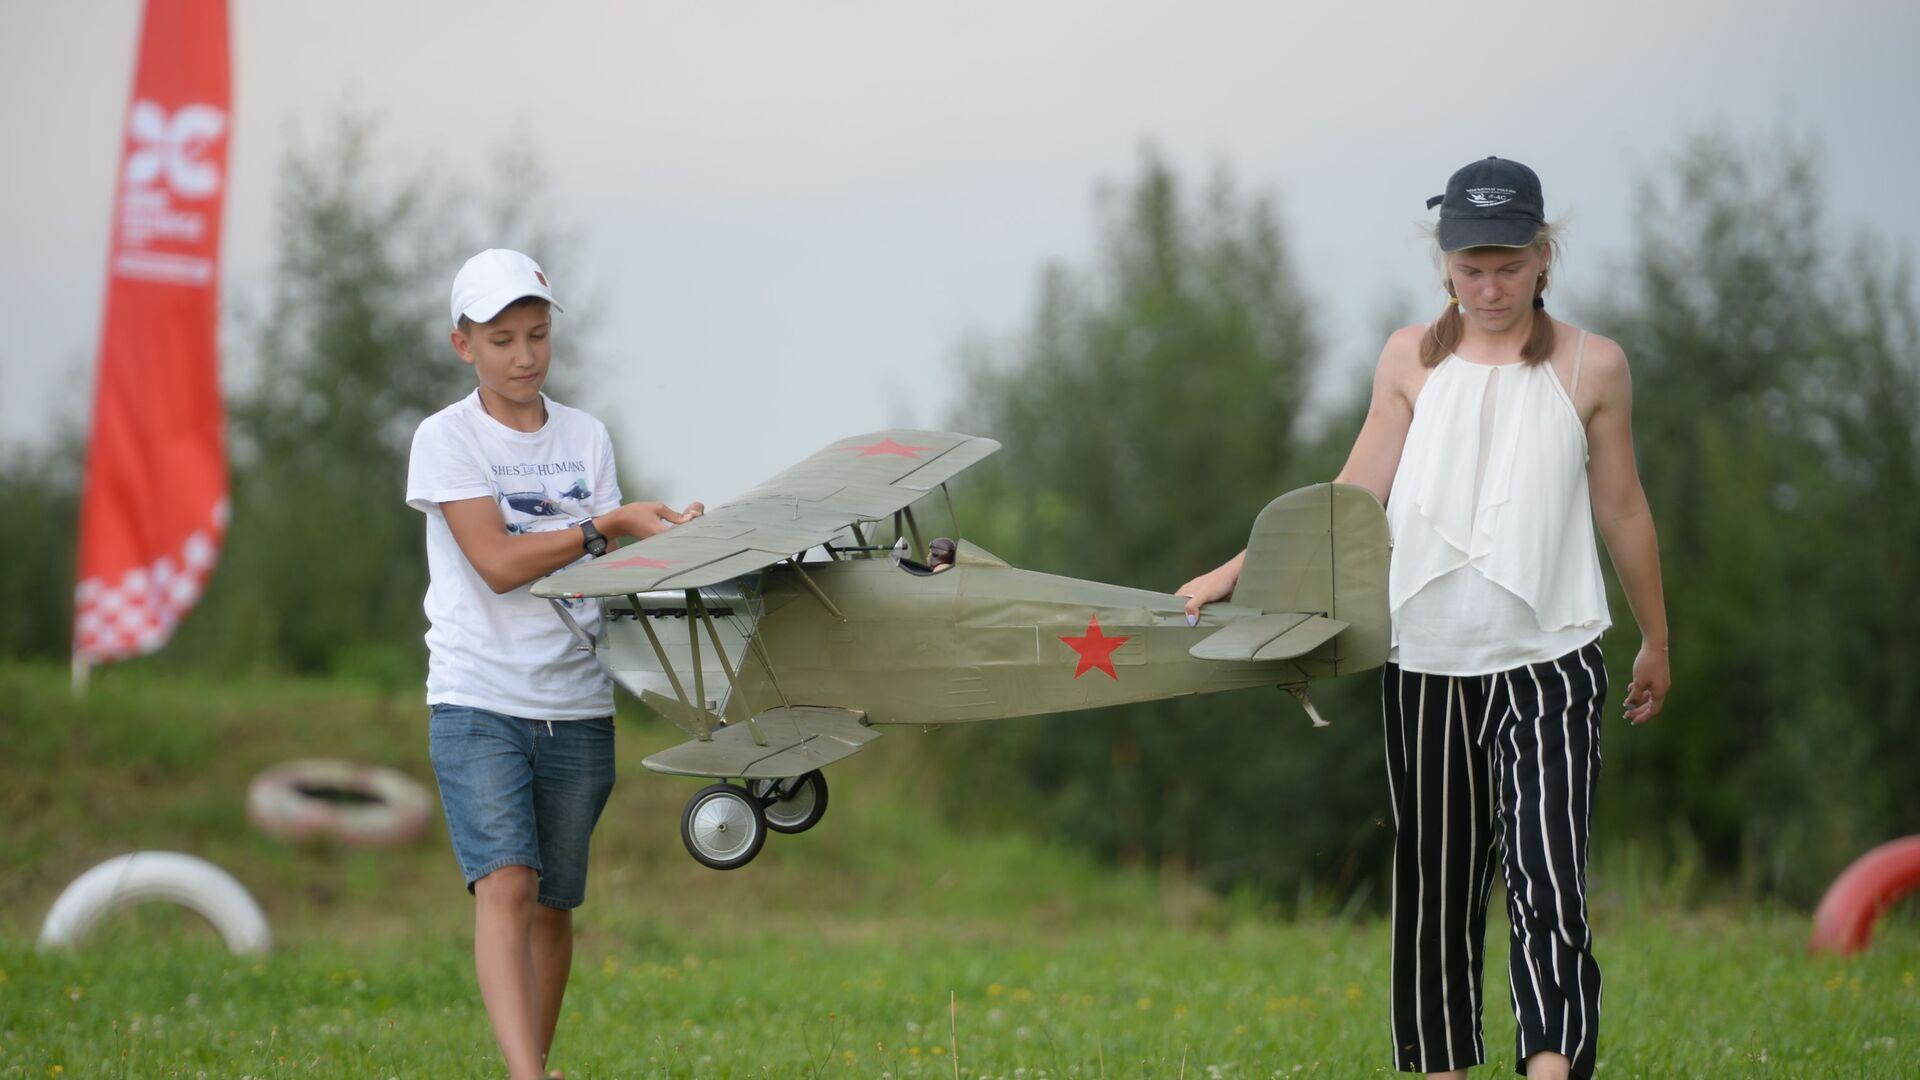 Шоу дронов и авиамоделей в Московской области - РИА Новости, 1920, 26.09.2021